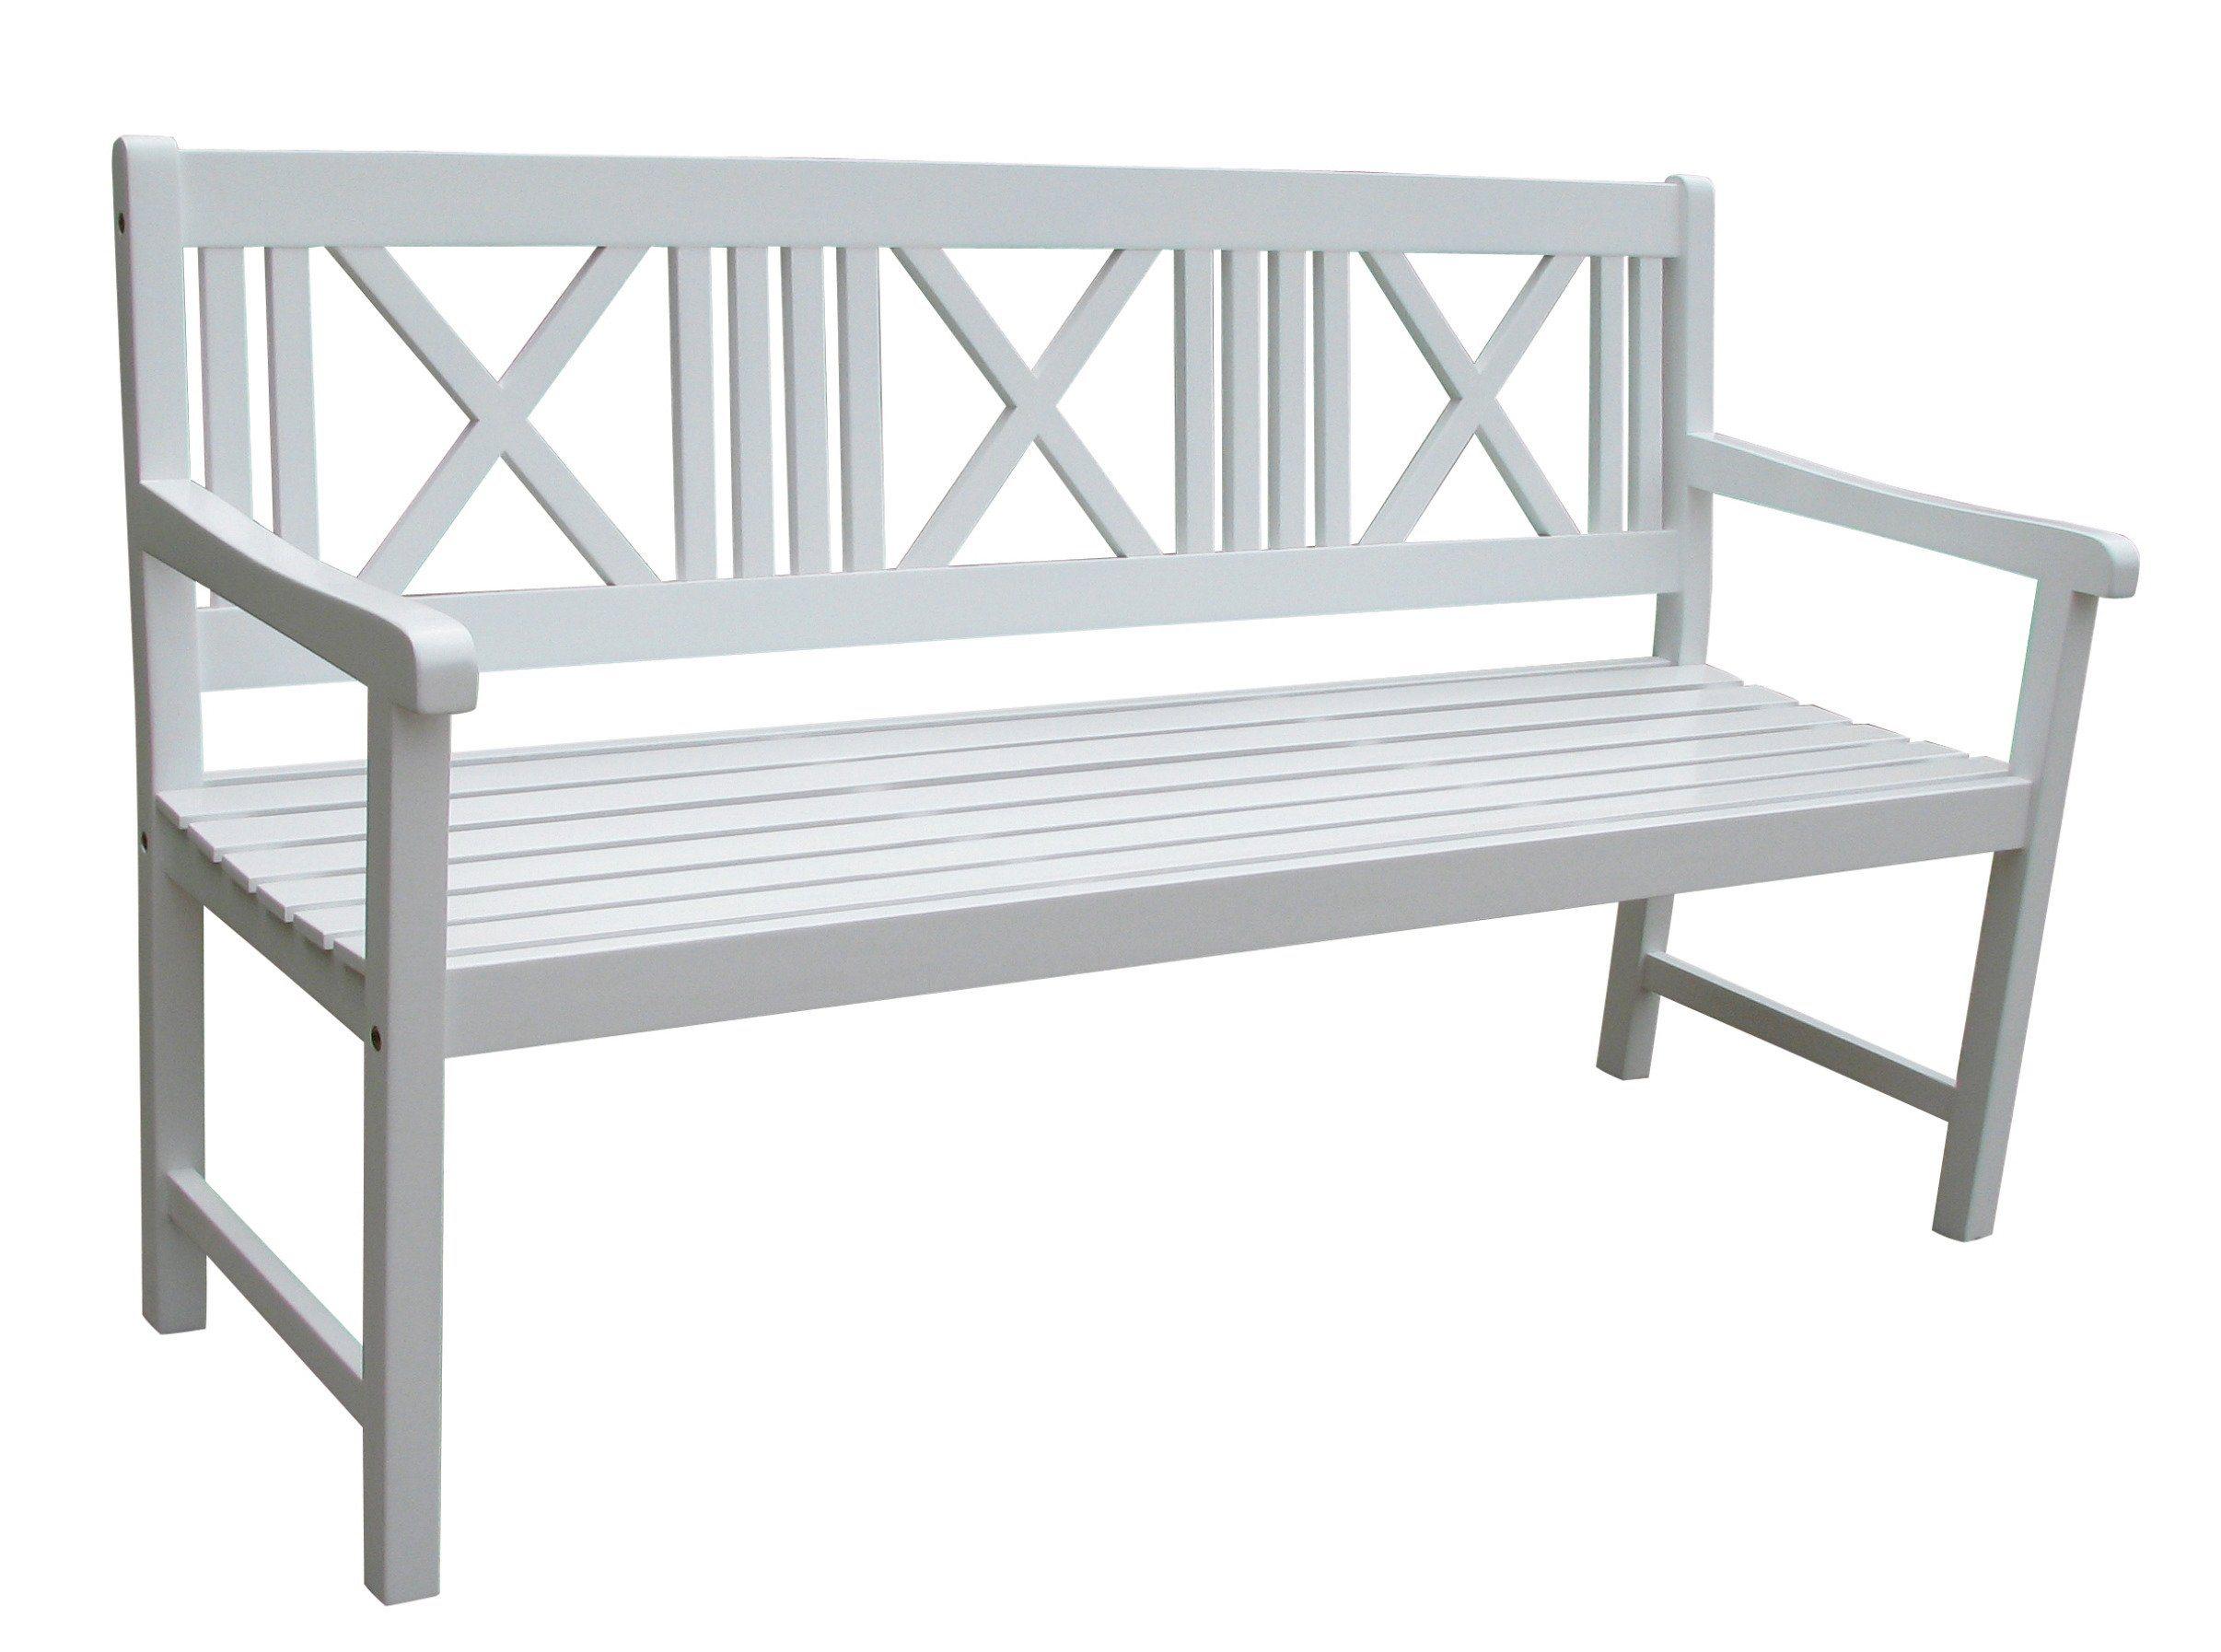 eukalyptus Gartenbänke online kaufen | Möbel-Suchmaschine ...